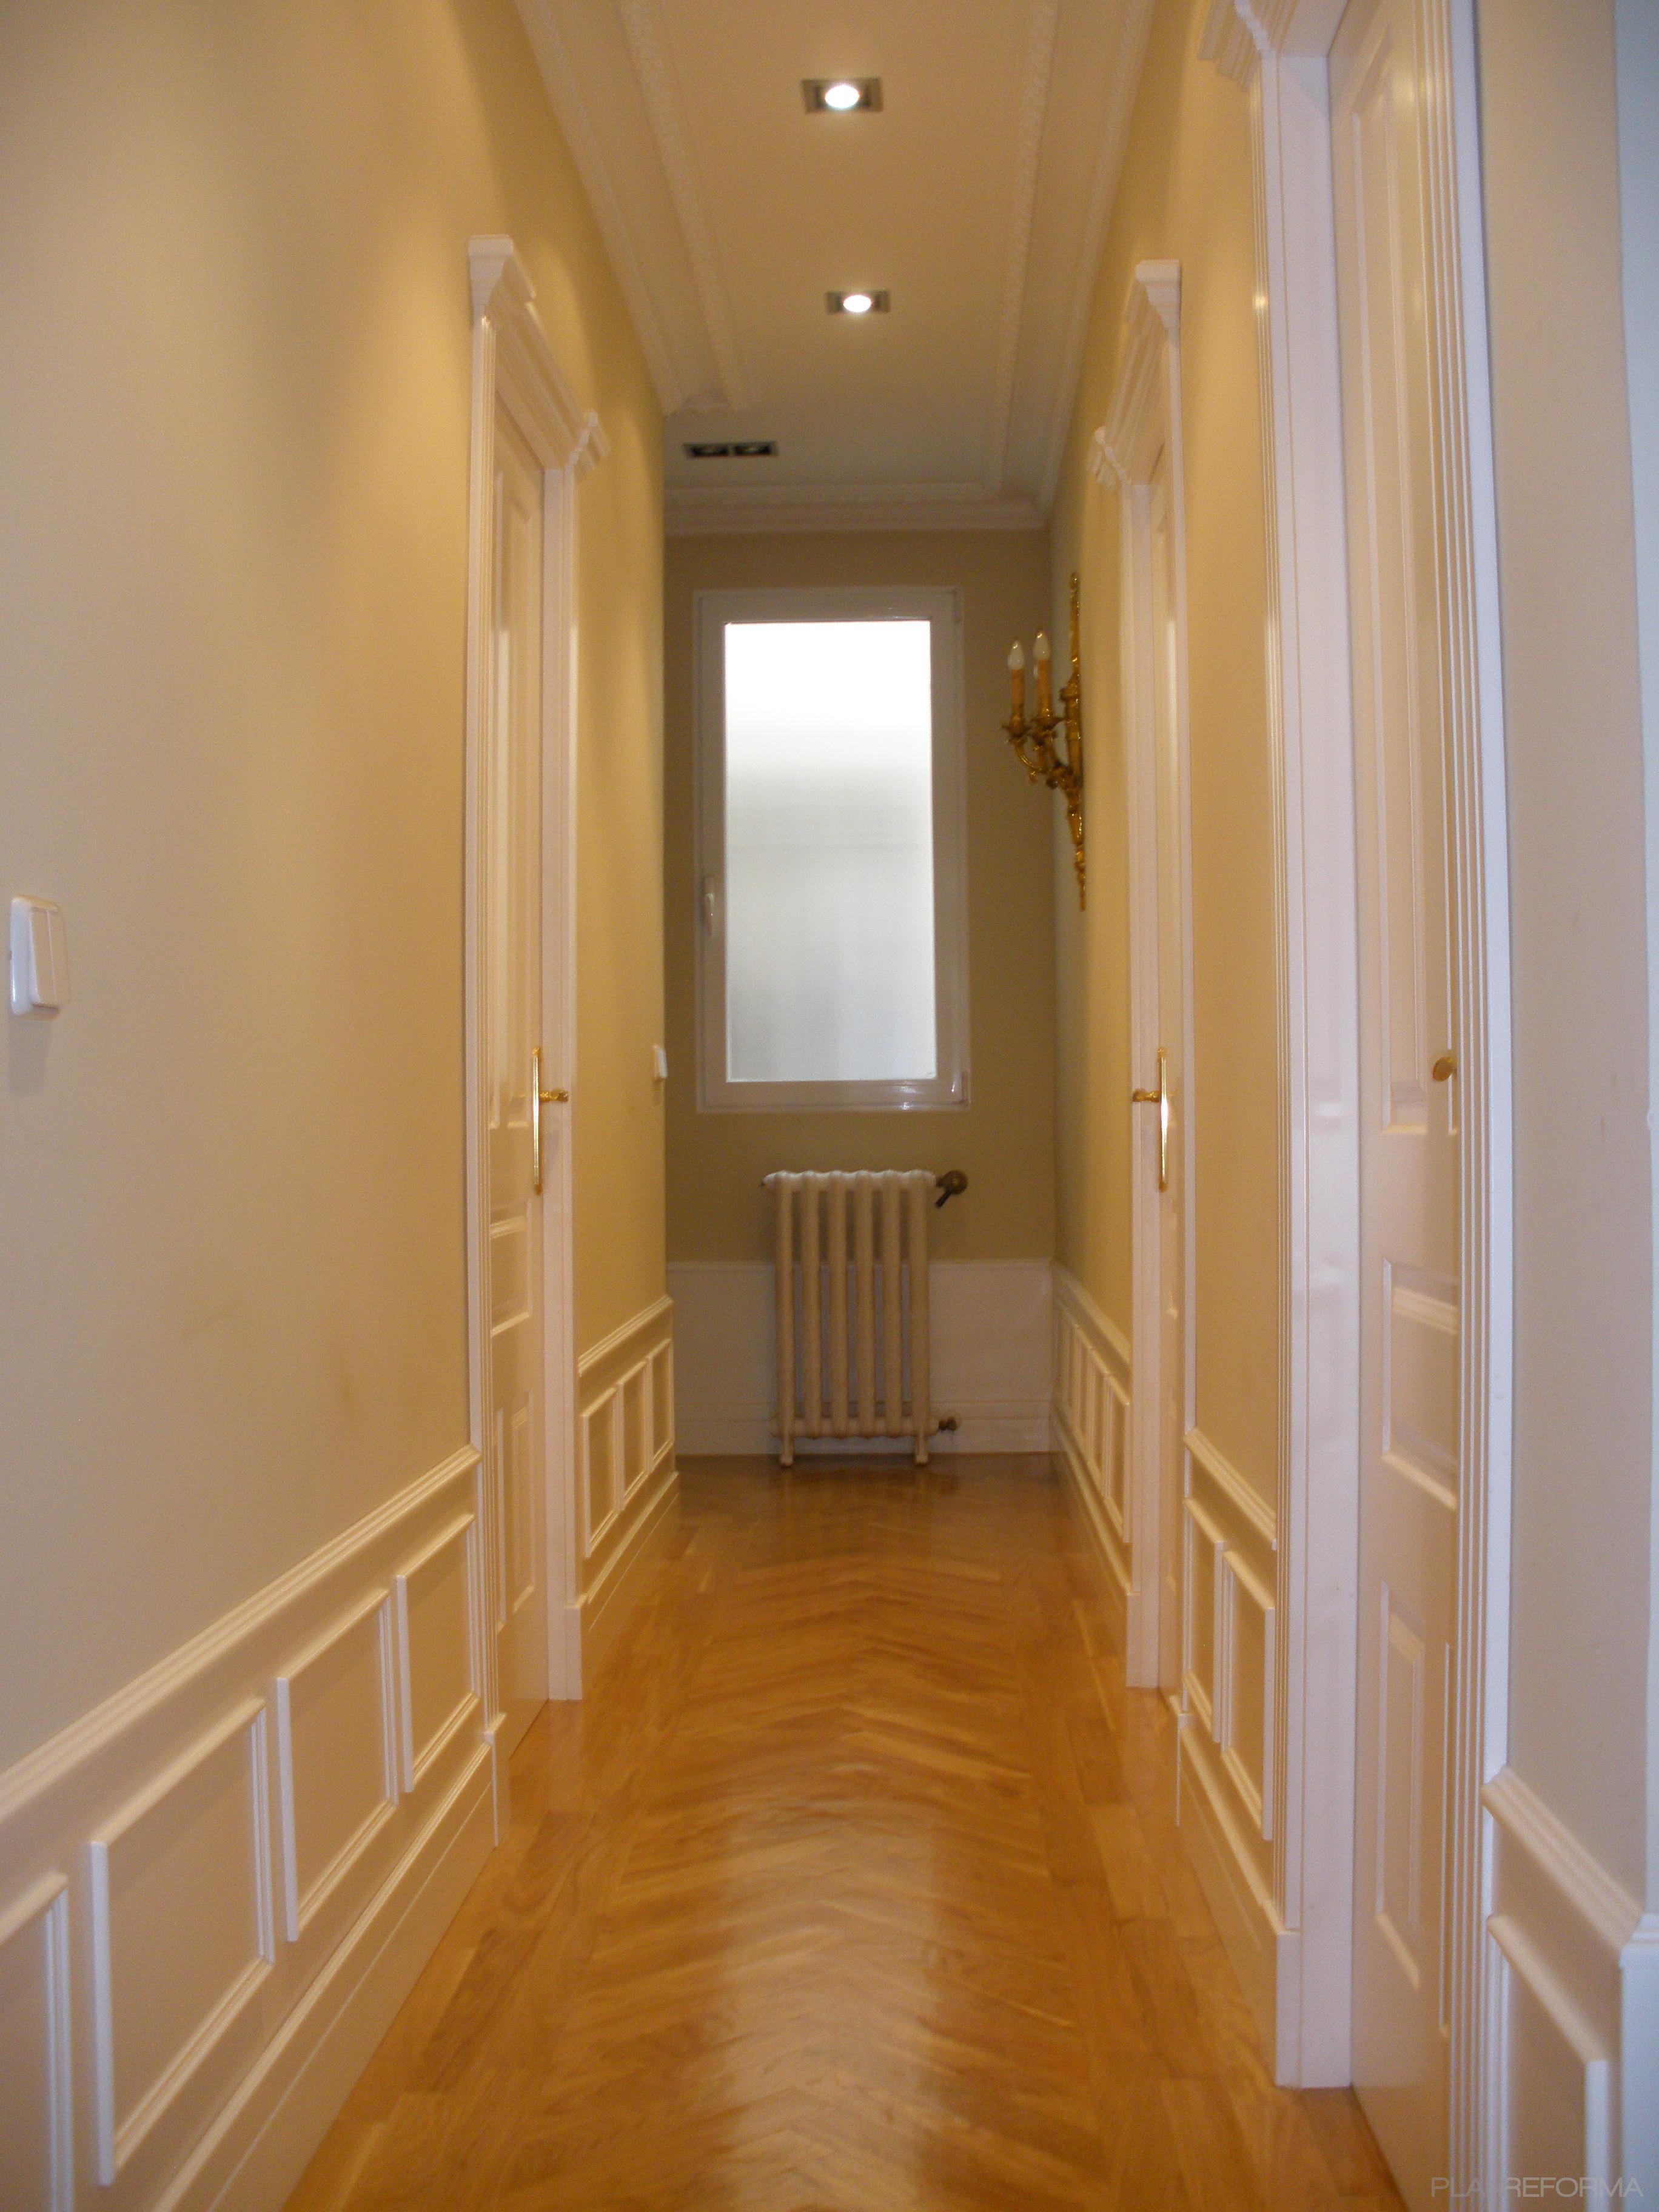 Pasillo style clasico color beige marron blanco - Arquitectos y decoradores de interiores ...